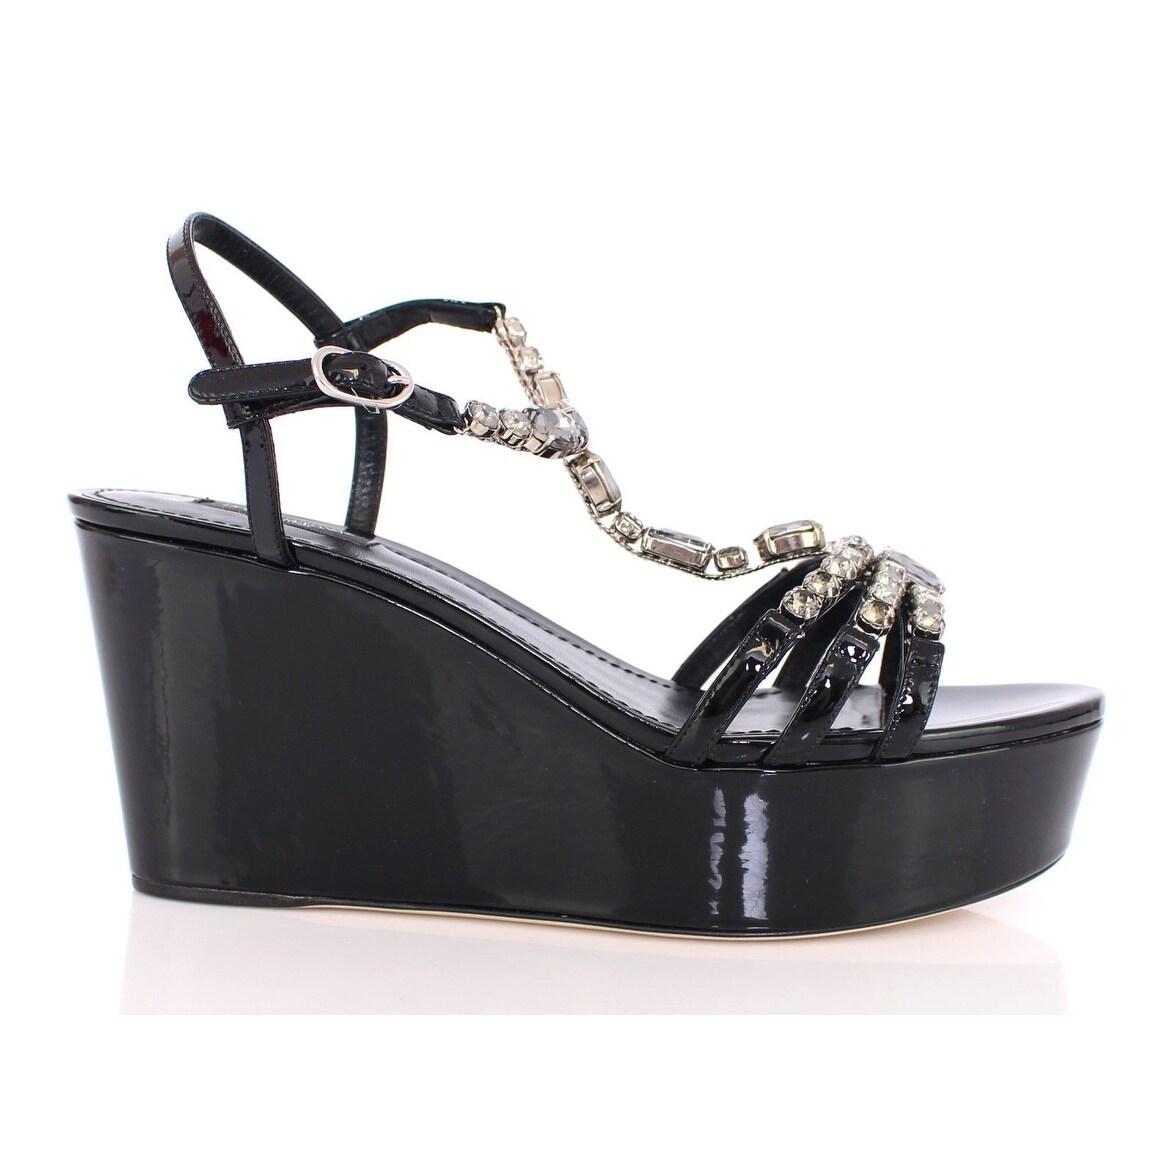 0ae594f9ef07f Shop Dolce   Gabbana Black Crystal Embellished Wedge Sandals Shoes ...